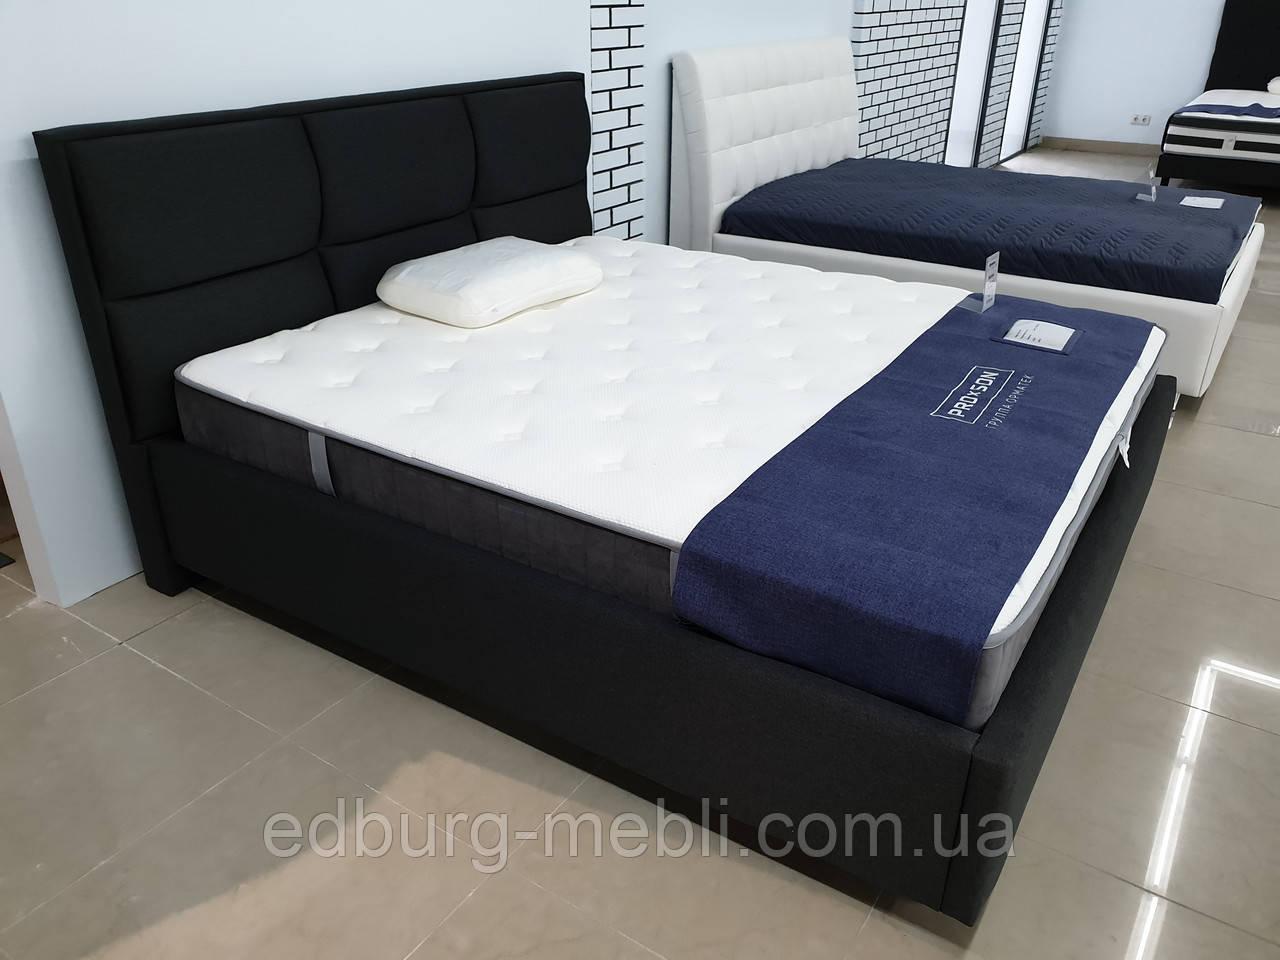 Кровать Aurora с мягким изголовьем